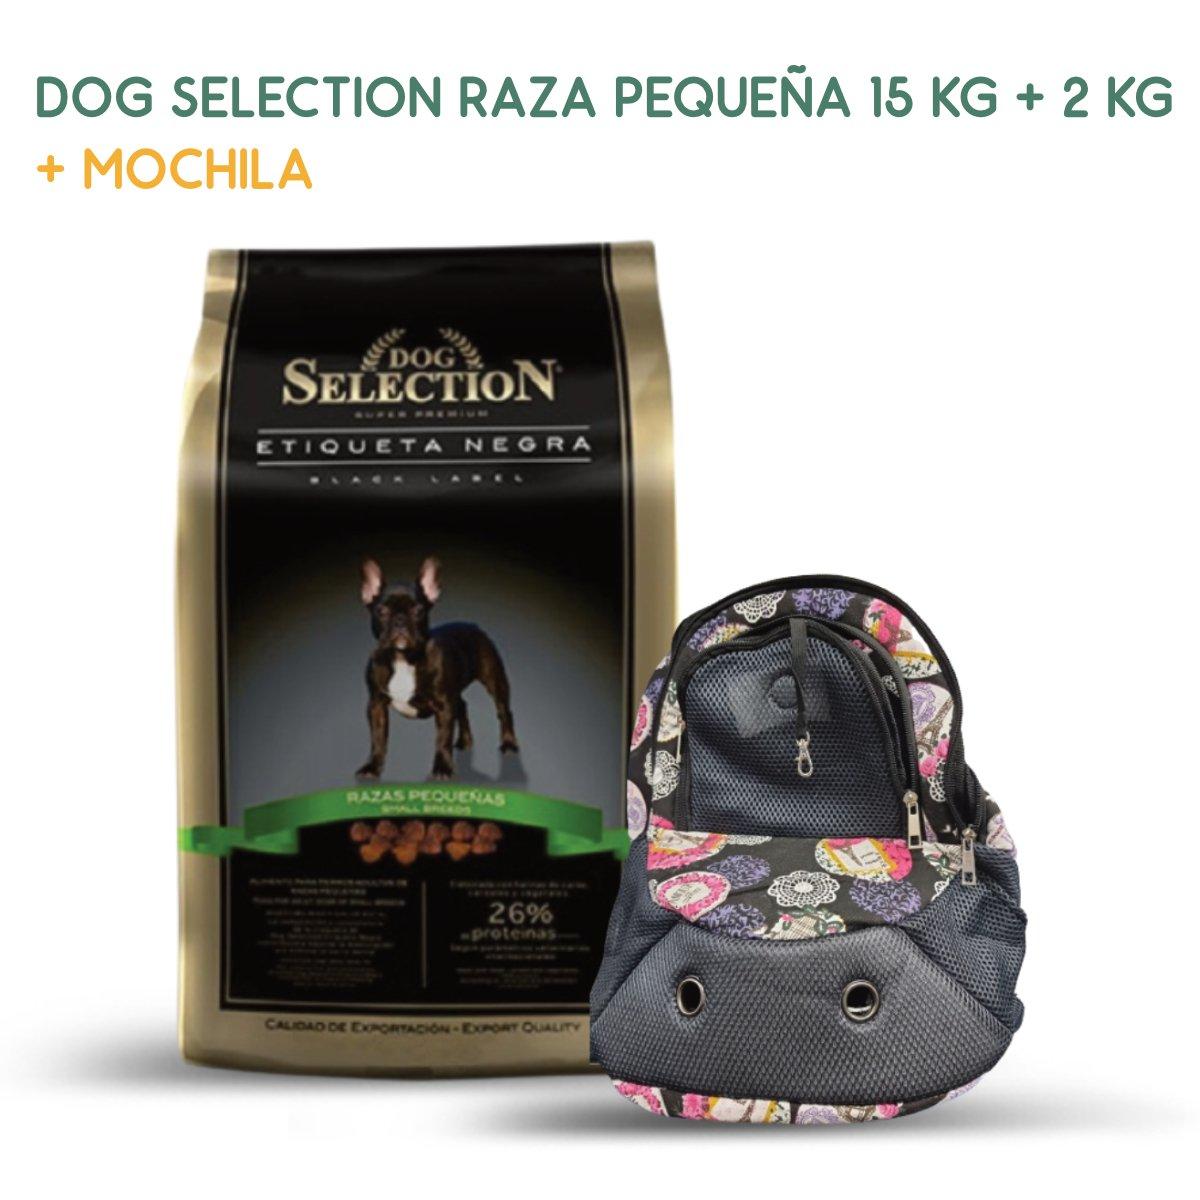 promo-dog-selection-septiembre